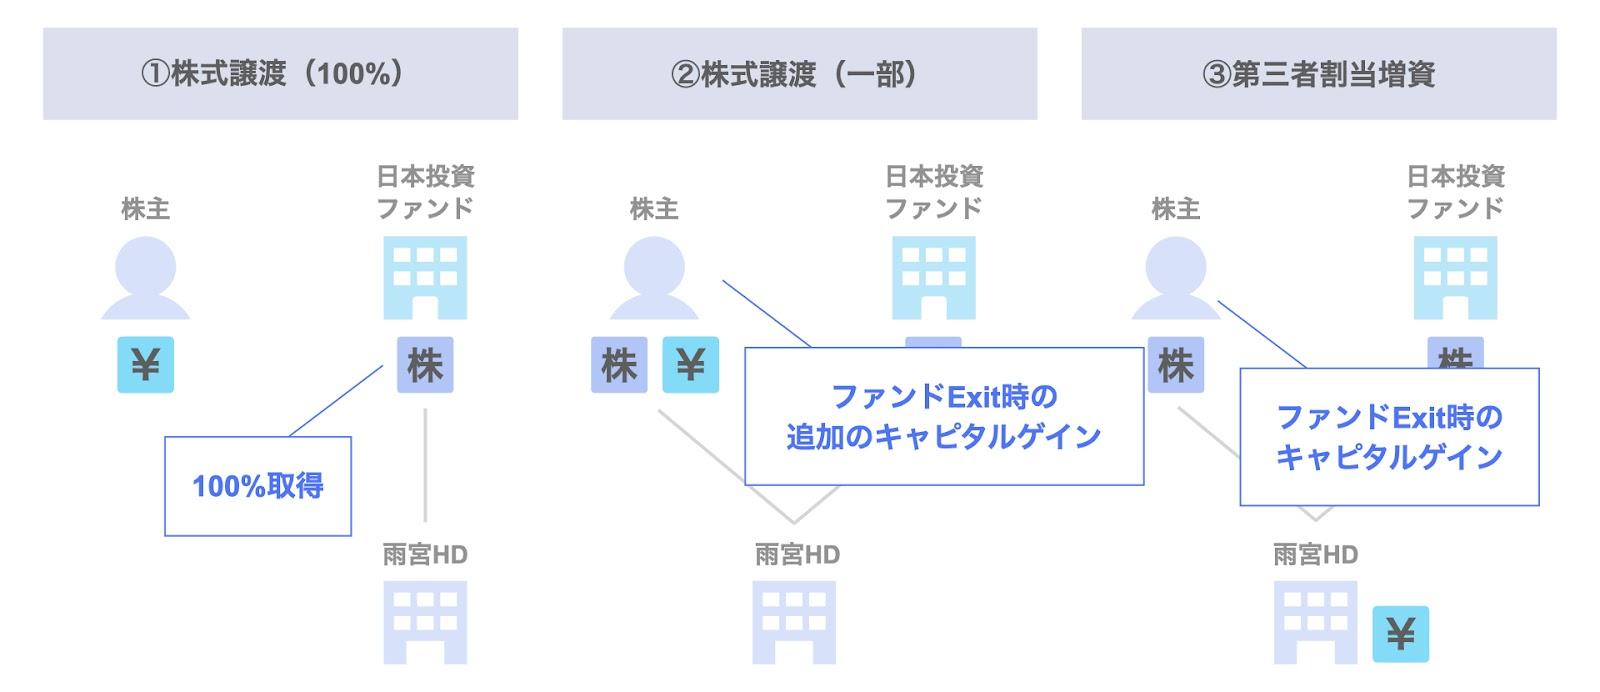 日本投資ファンドによる雨宮ホールディングスの投資事例:各スキームのポイント